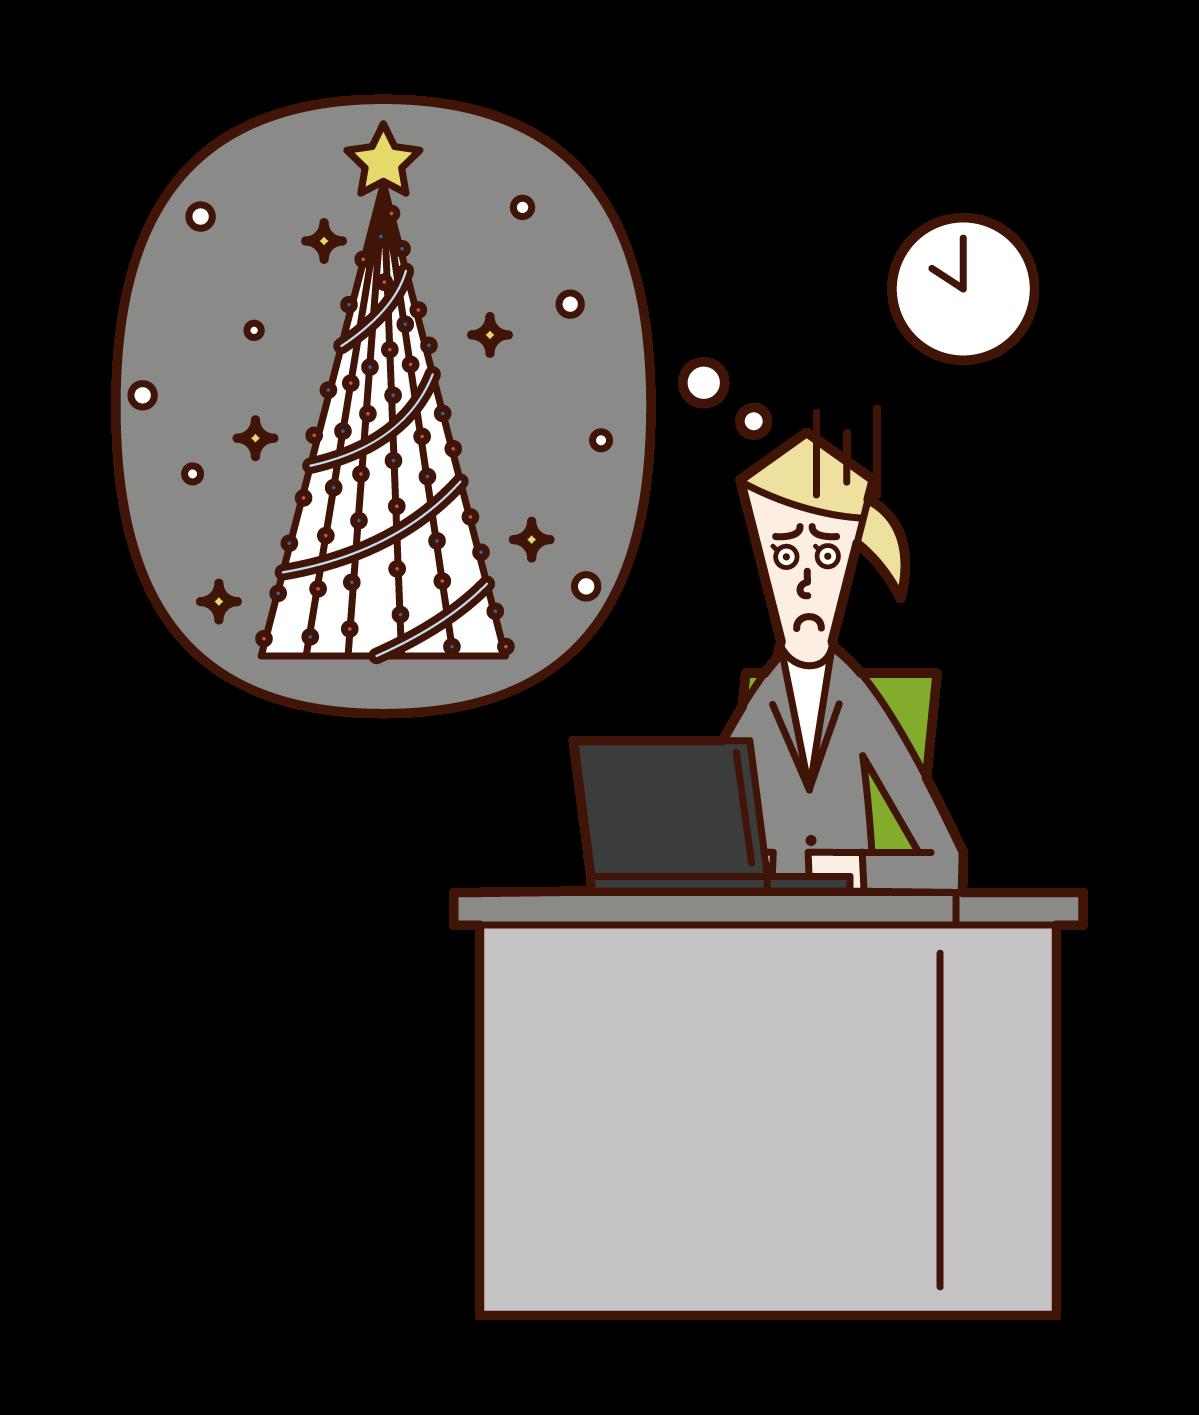 クリスマスに仕事をする人(女性)のイラスト